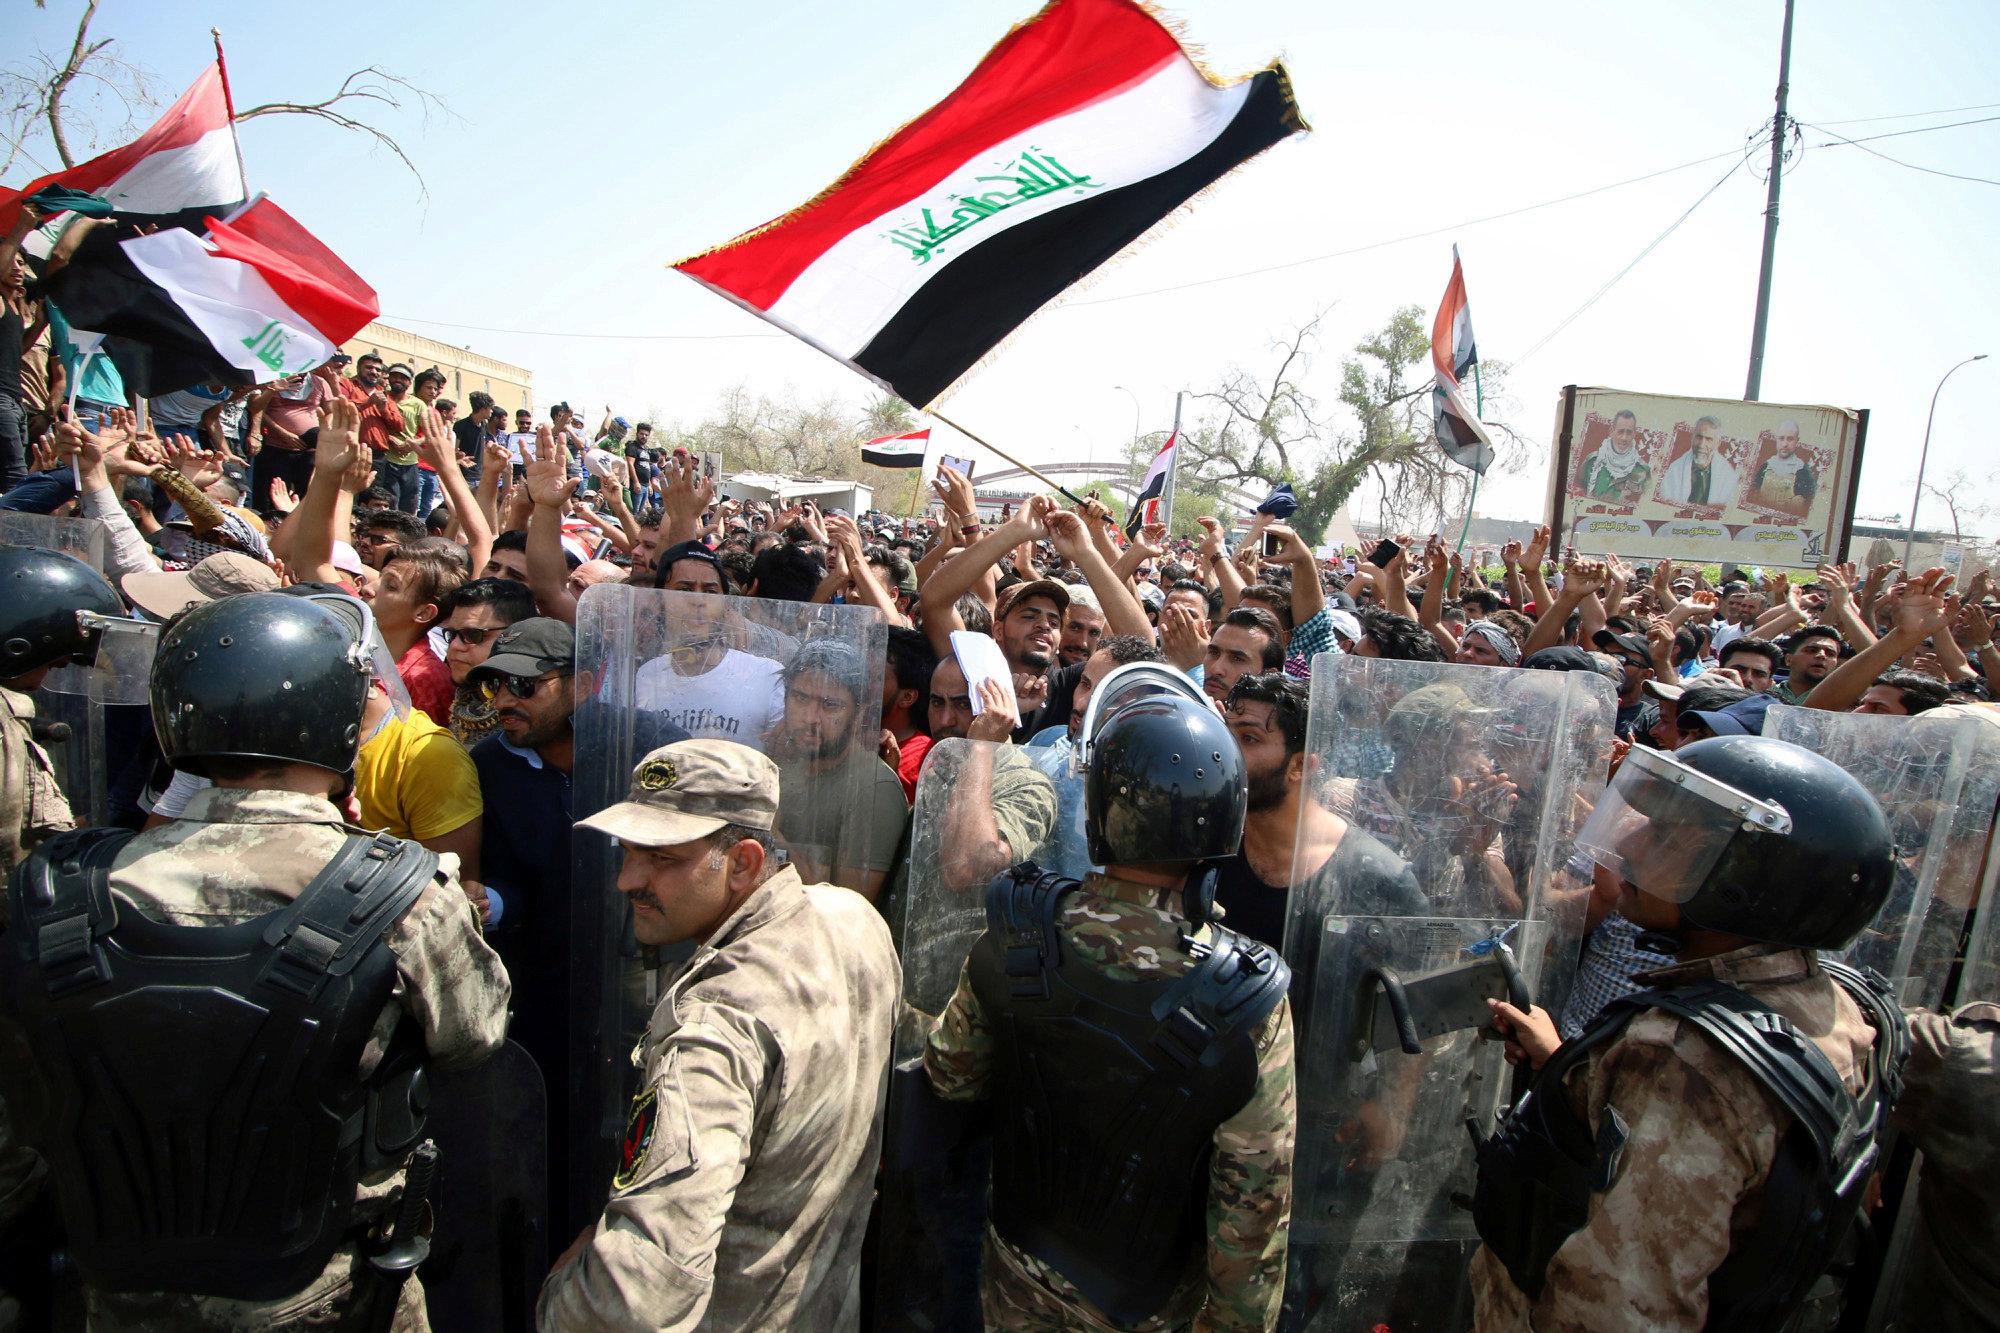 2018-07-15T164555Z_1155455867_RC1CD19DB810_RTRMADP_3_MIDEAST-CRISIS-IRAQ-PROTESTS